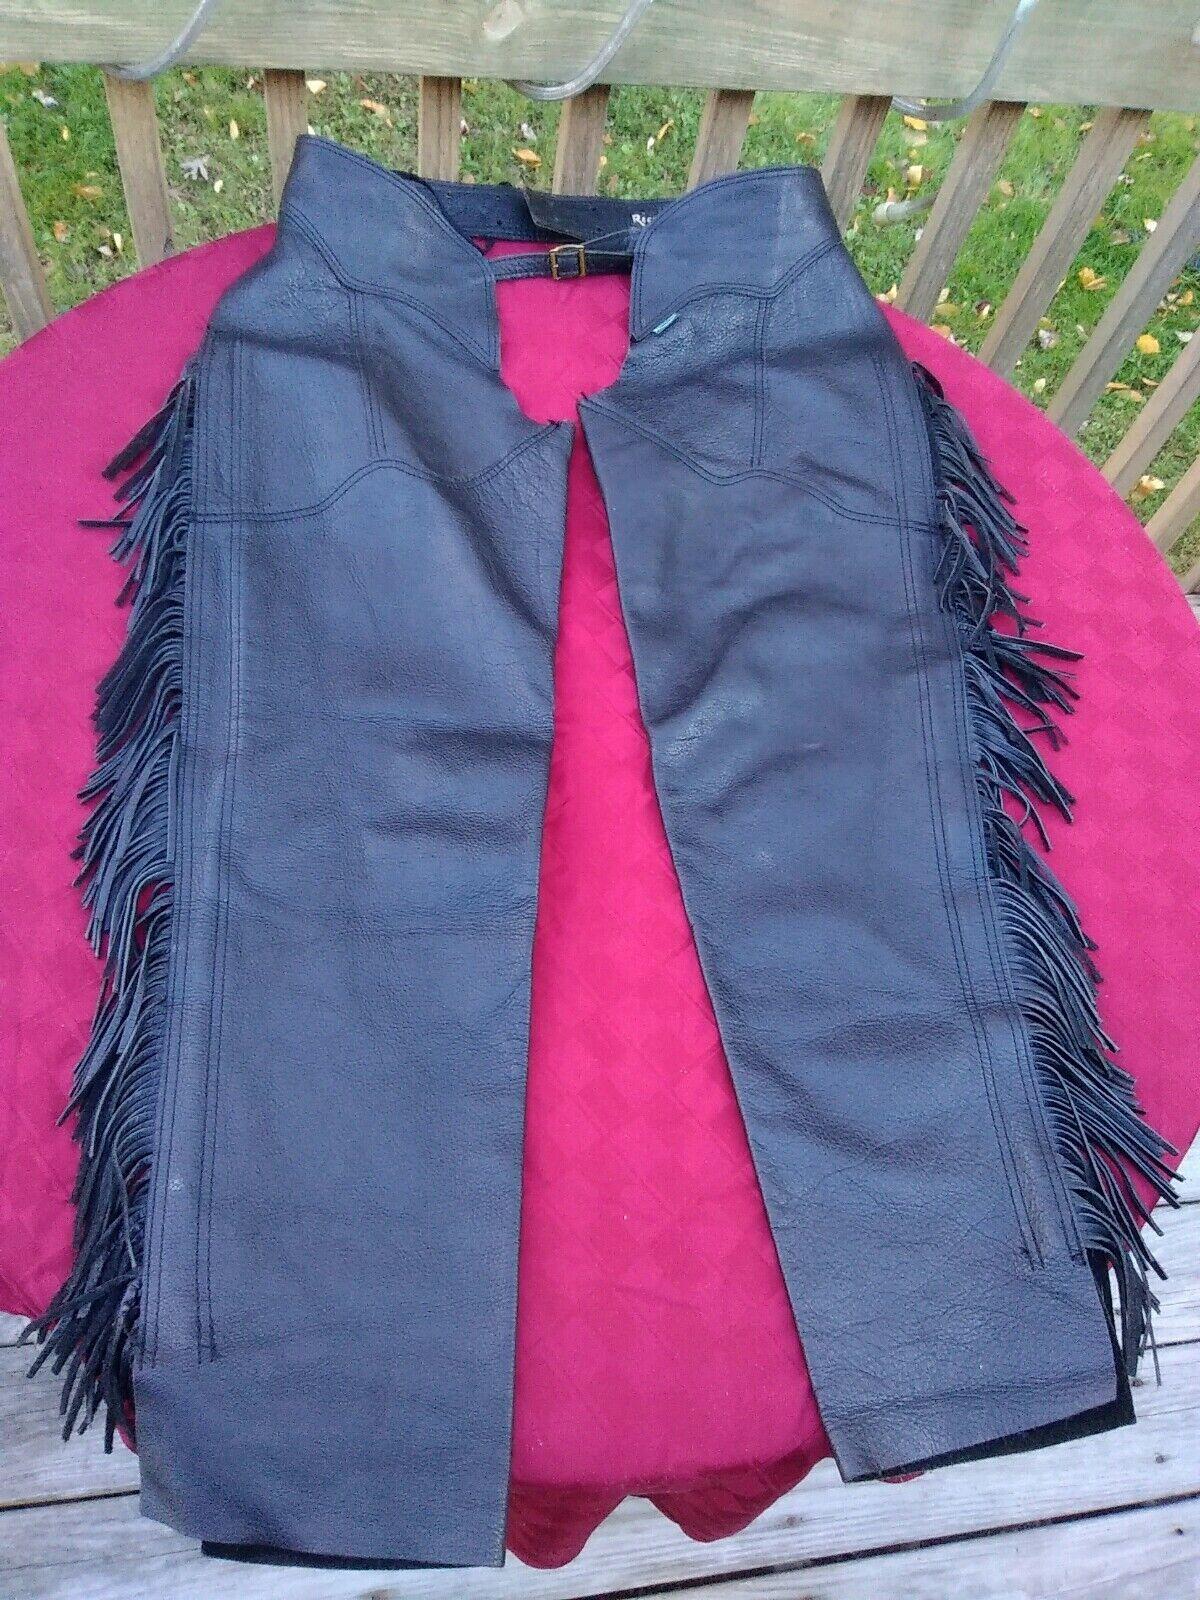 RECTILIGNE schwarz Pebble Leather Chaps w Fringe France damen Größe Sm-Med PreOwned